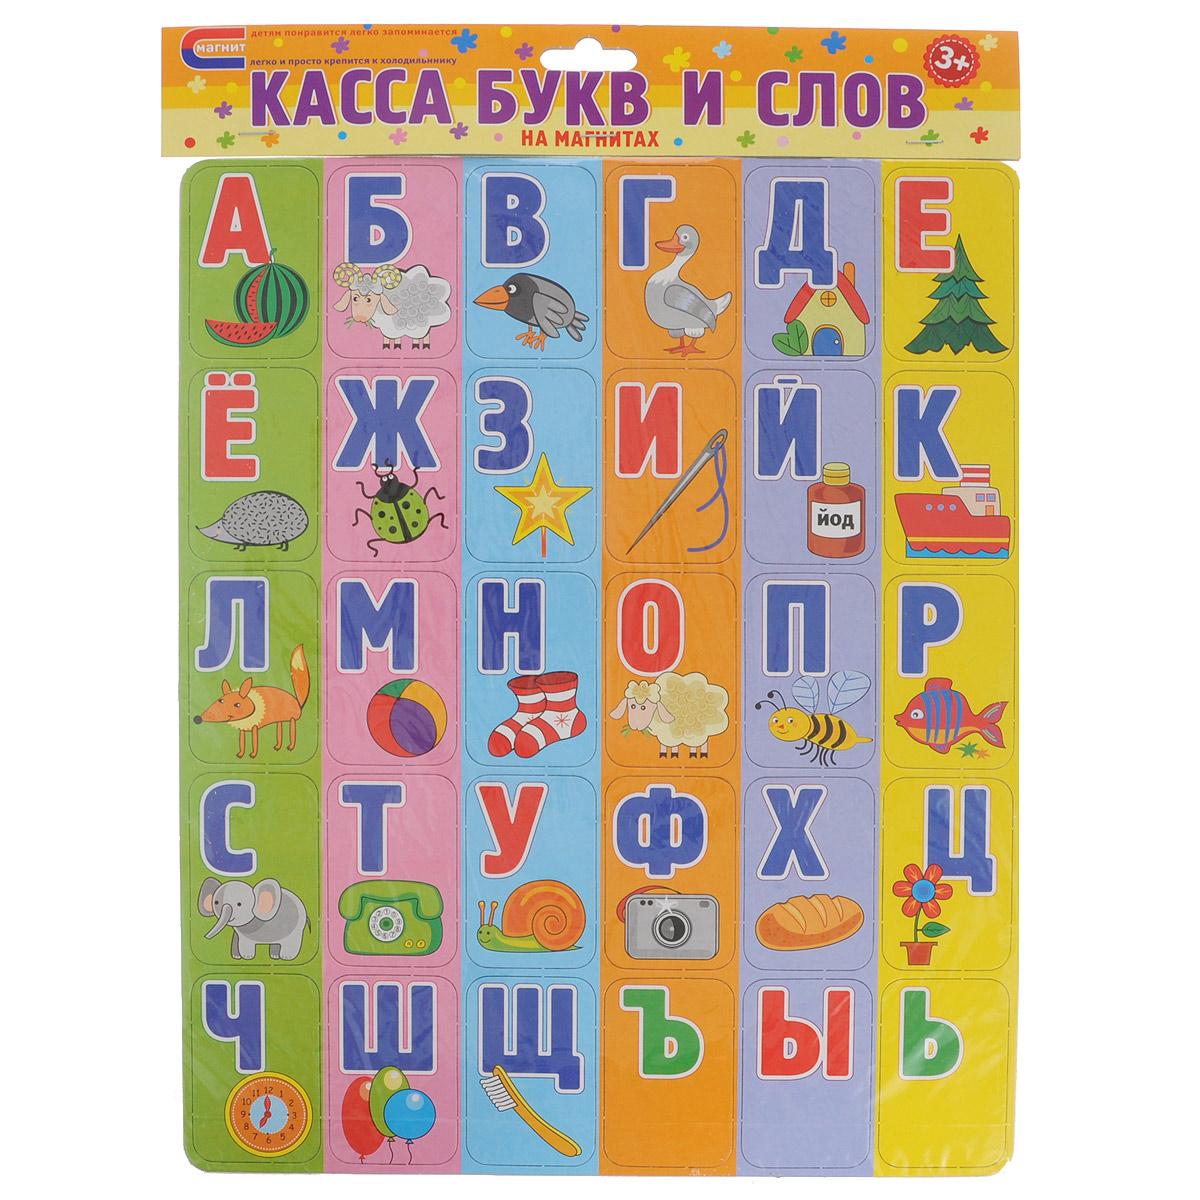 Касса букв и слов на магнитах АвираЛТ45Касса букв и слов - это 60 картонных карточек, которые просто крепятся к любой металлической поверхности при помощи небольших магнитов, идущих в комплекте. Яркие и забавные картинки с изображением животных, птиц, насекомых и известных предметов превратят обучение азбуки в увлекательную игру.Касса букв и слов поможет быстро и весело разучить алфавит, научит читать и составлять простые слова, не оставит равнодушным ни ребенка, ни взрослого!